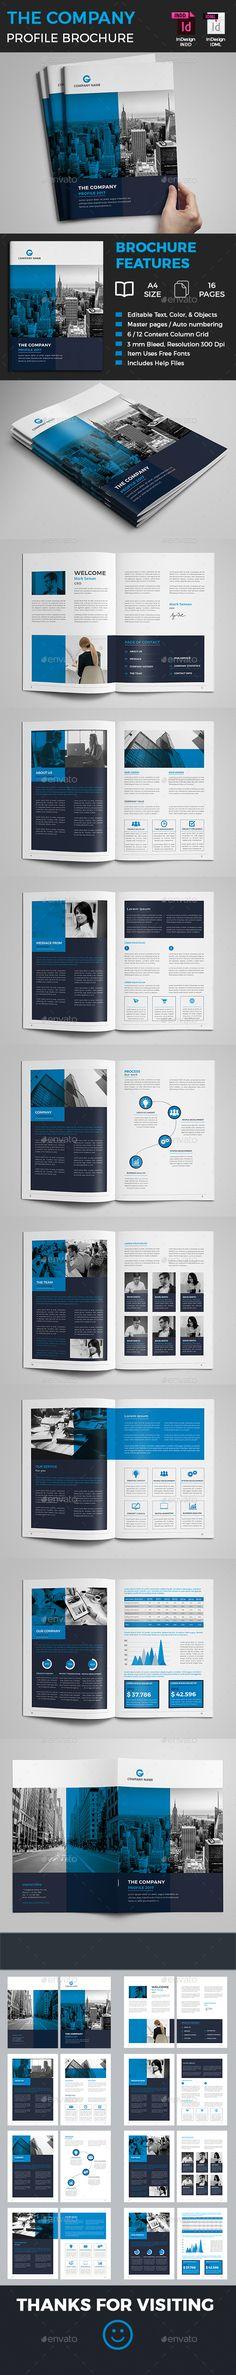 #Corporate #Brochure - Corporate Brochures Download here: https://graphicriver.net/item/corporate-brochure/20042552?ref=alena994